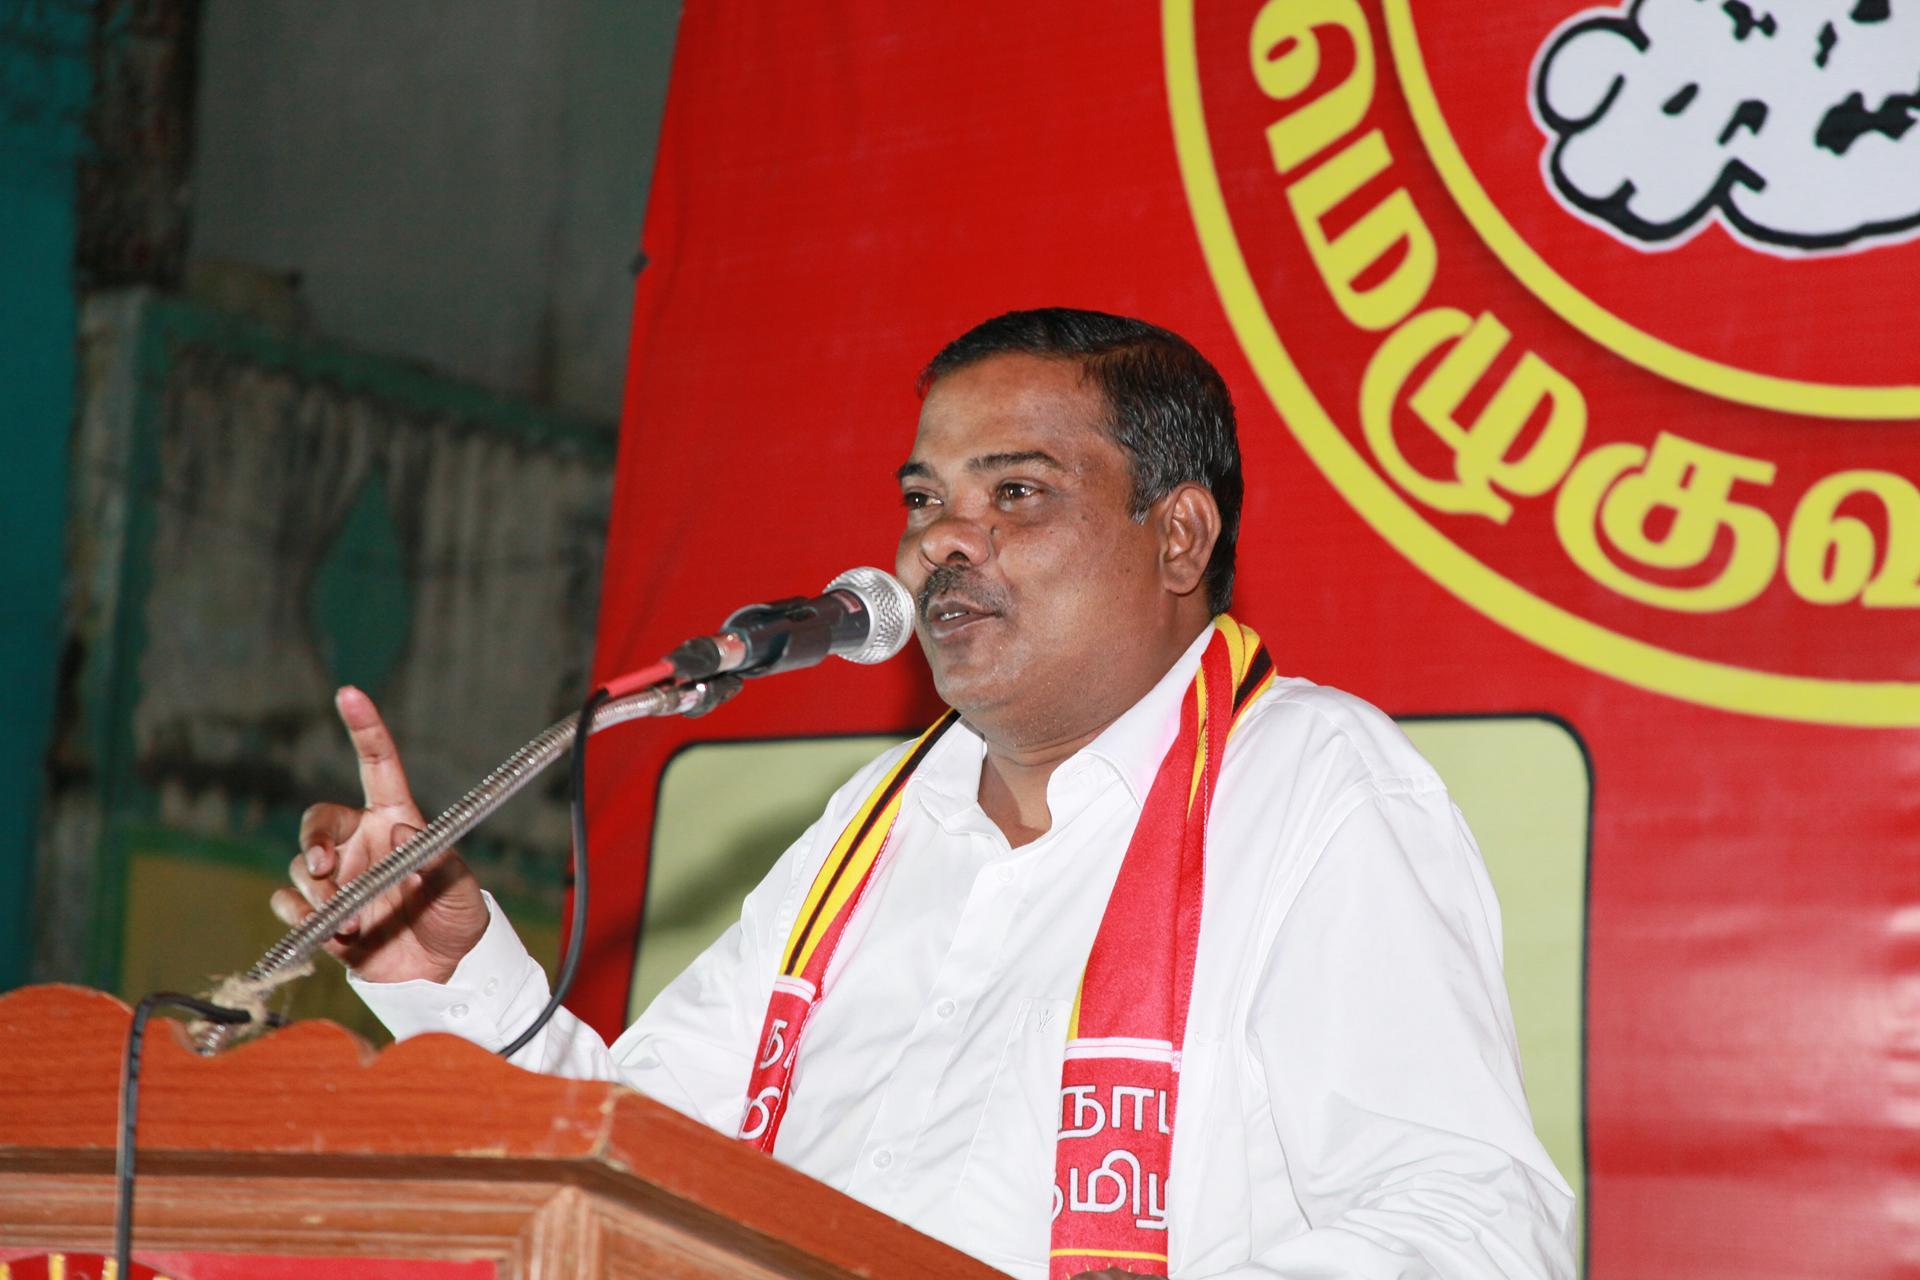 ஆர்.கே நகர் தேர்தல் பரப்புரை: நாள் - 01 | வாக்கு சேகரிப்பு மற்றும் தெருமுனைக்கூடம்